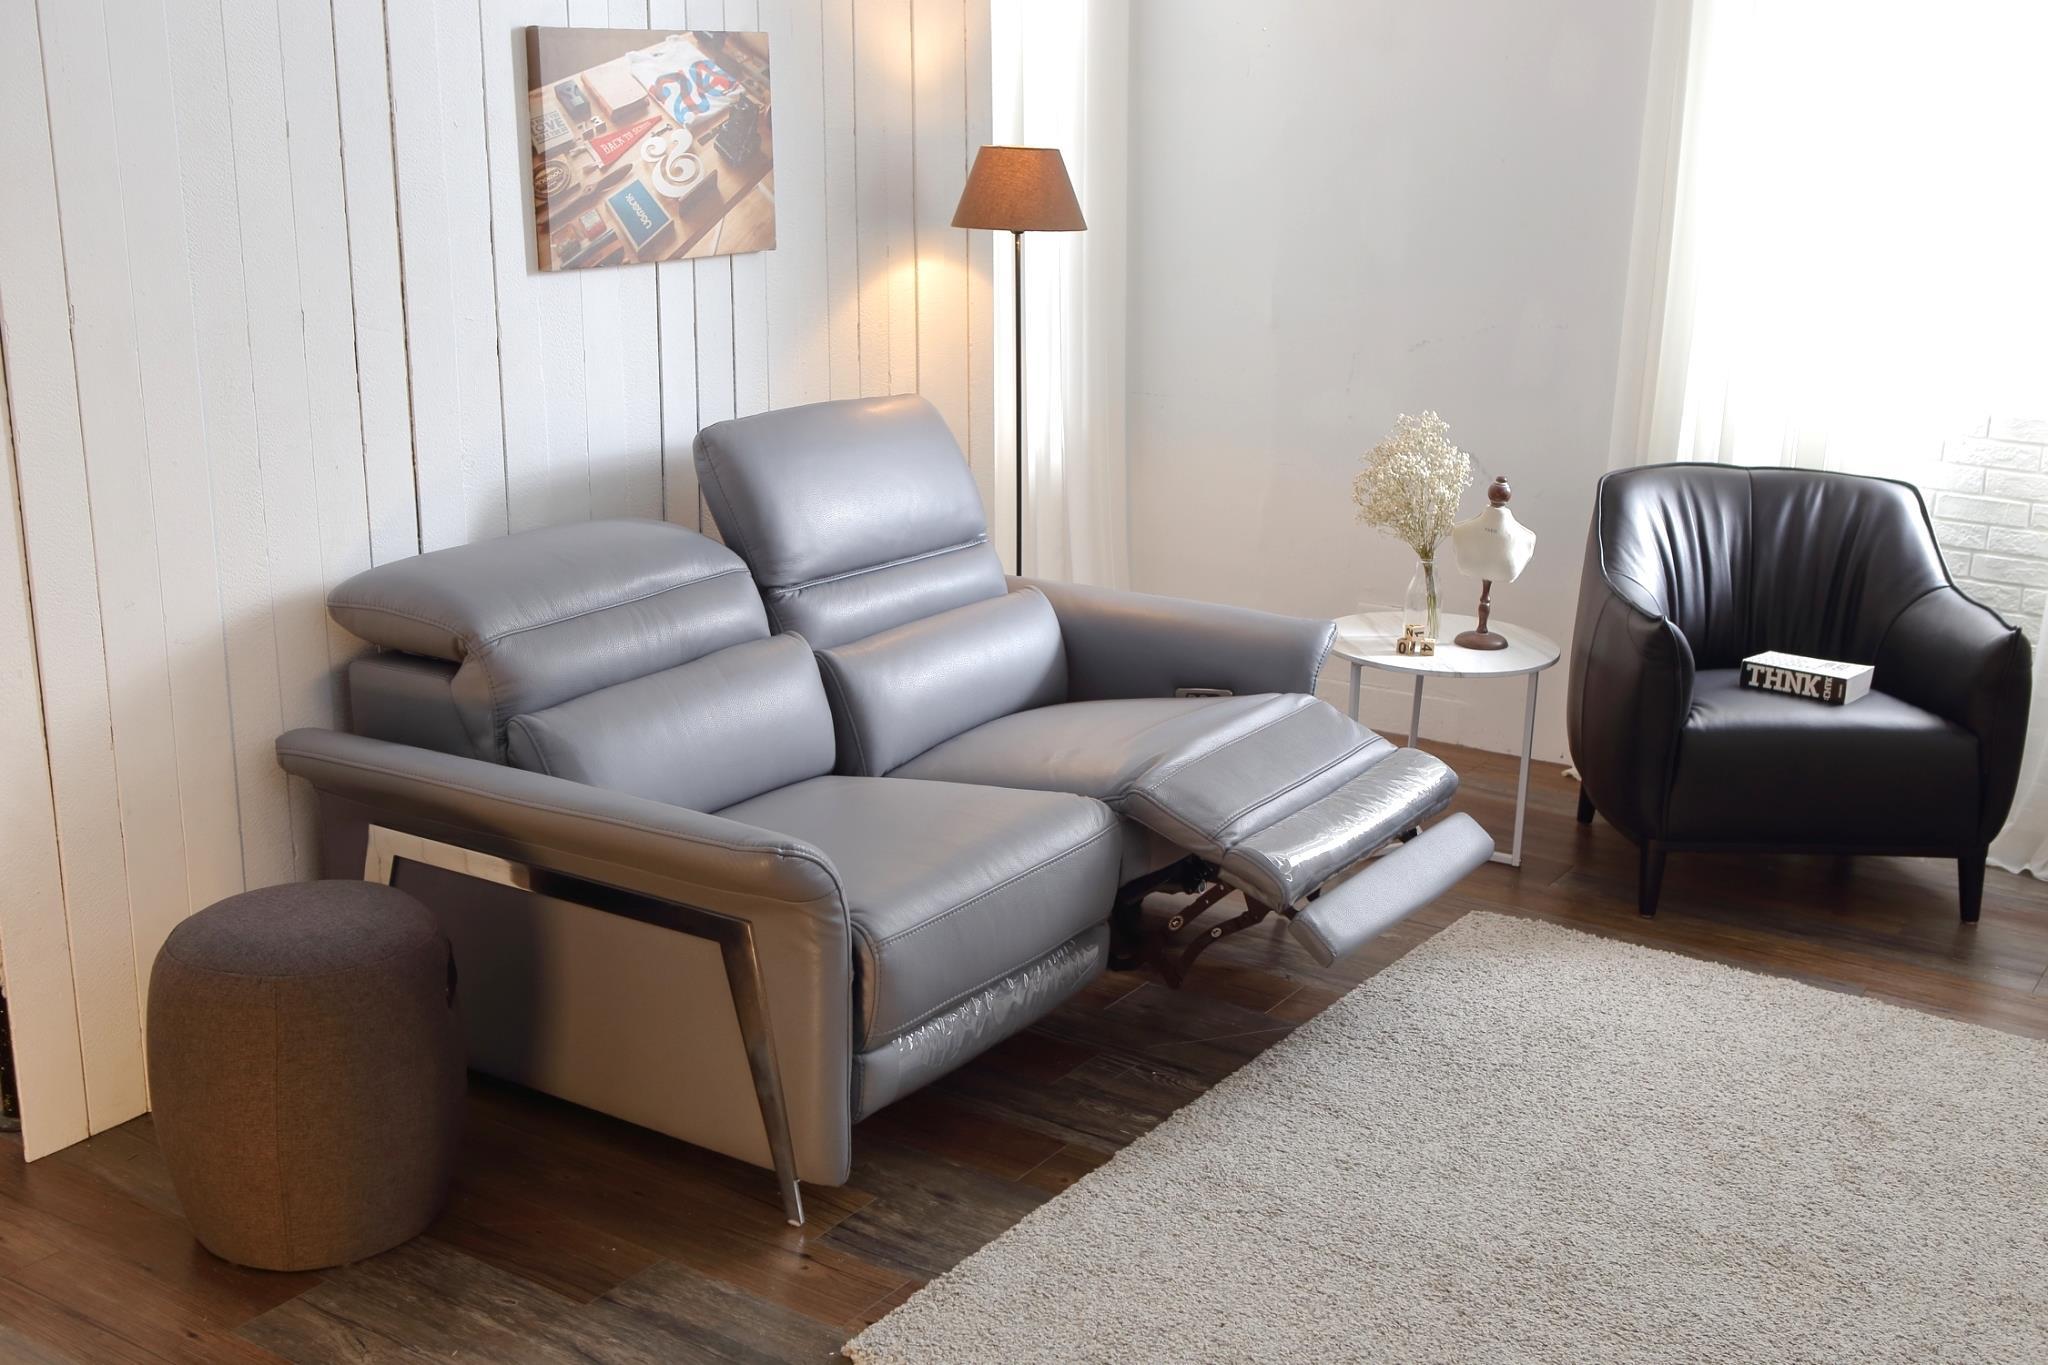 沙發躺久卻腰痠背痛?專家解密教你如何挑選頭等艙沙發!